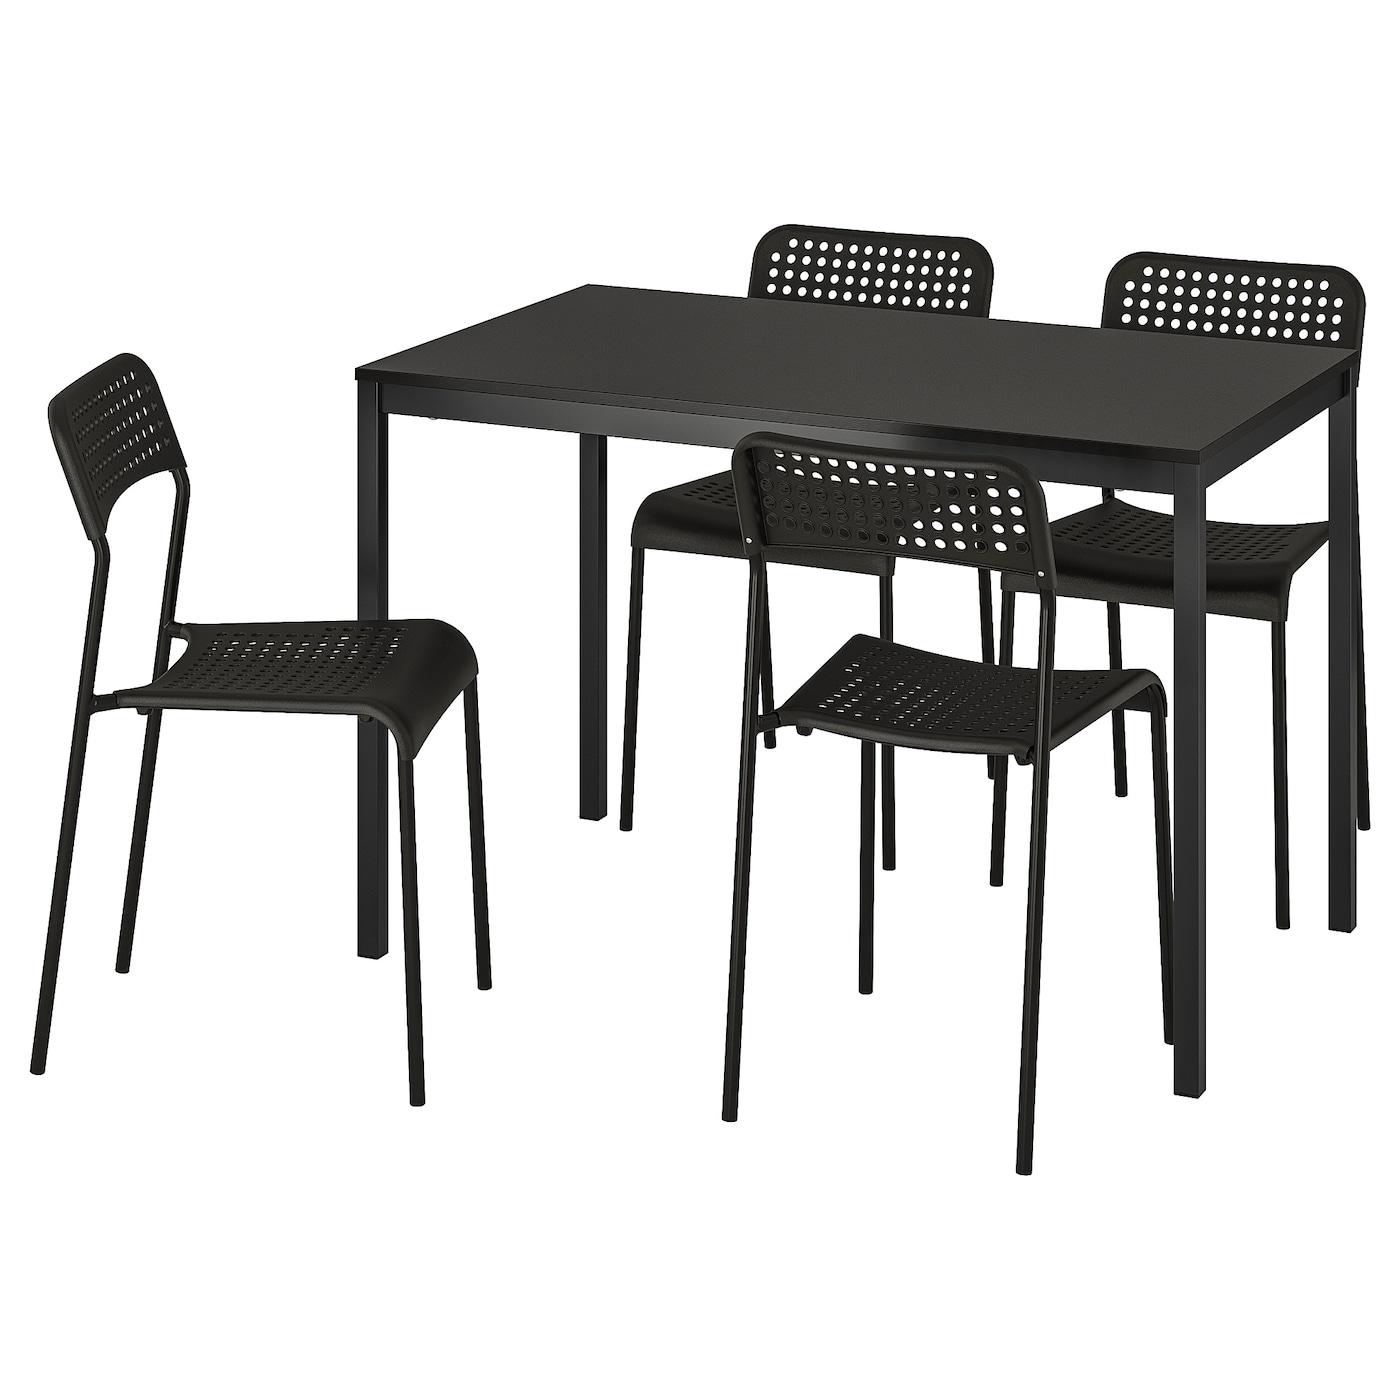 TÄRENDÖ ADDE Tisch Und 4 Stühle Schwarz IKEA